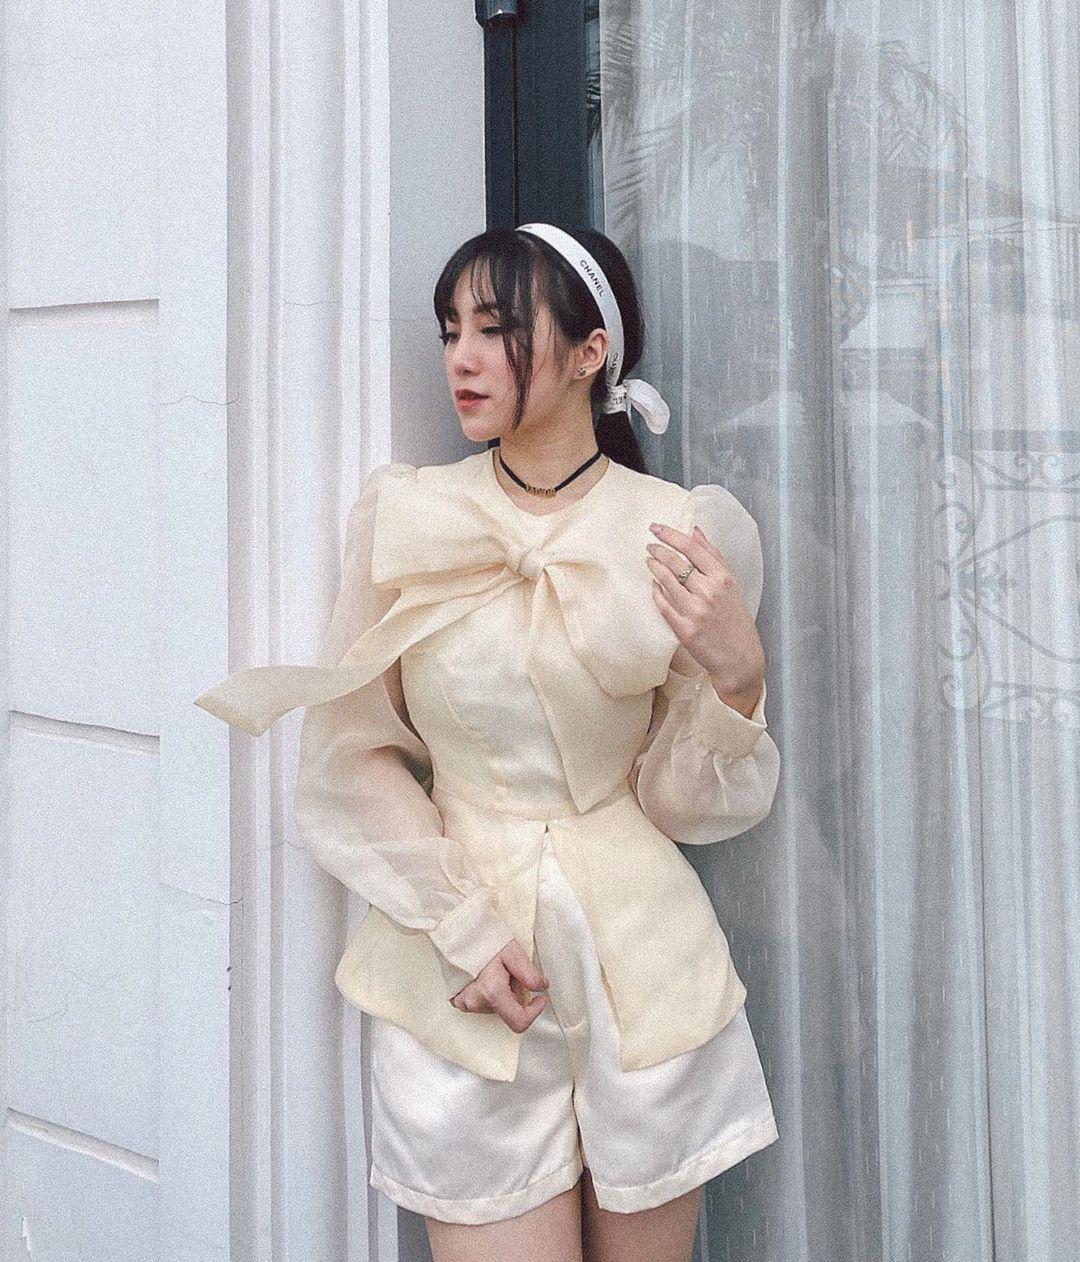 Chỉ bỏ ra từ 300k, các nàng đã sắm được áo blouse tiểu thư đẹp mê để đi cà phê trà bánh sống ảo cuối tuần - Ảnh 9.